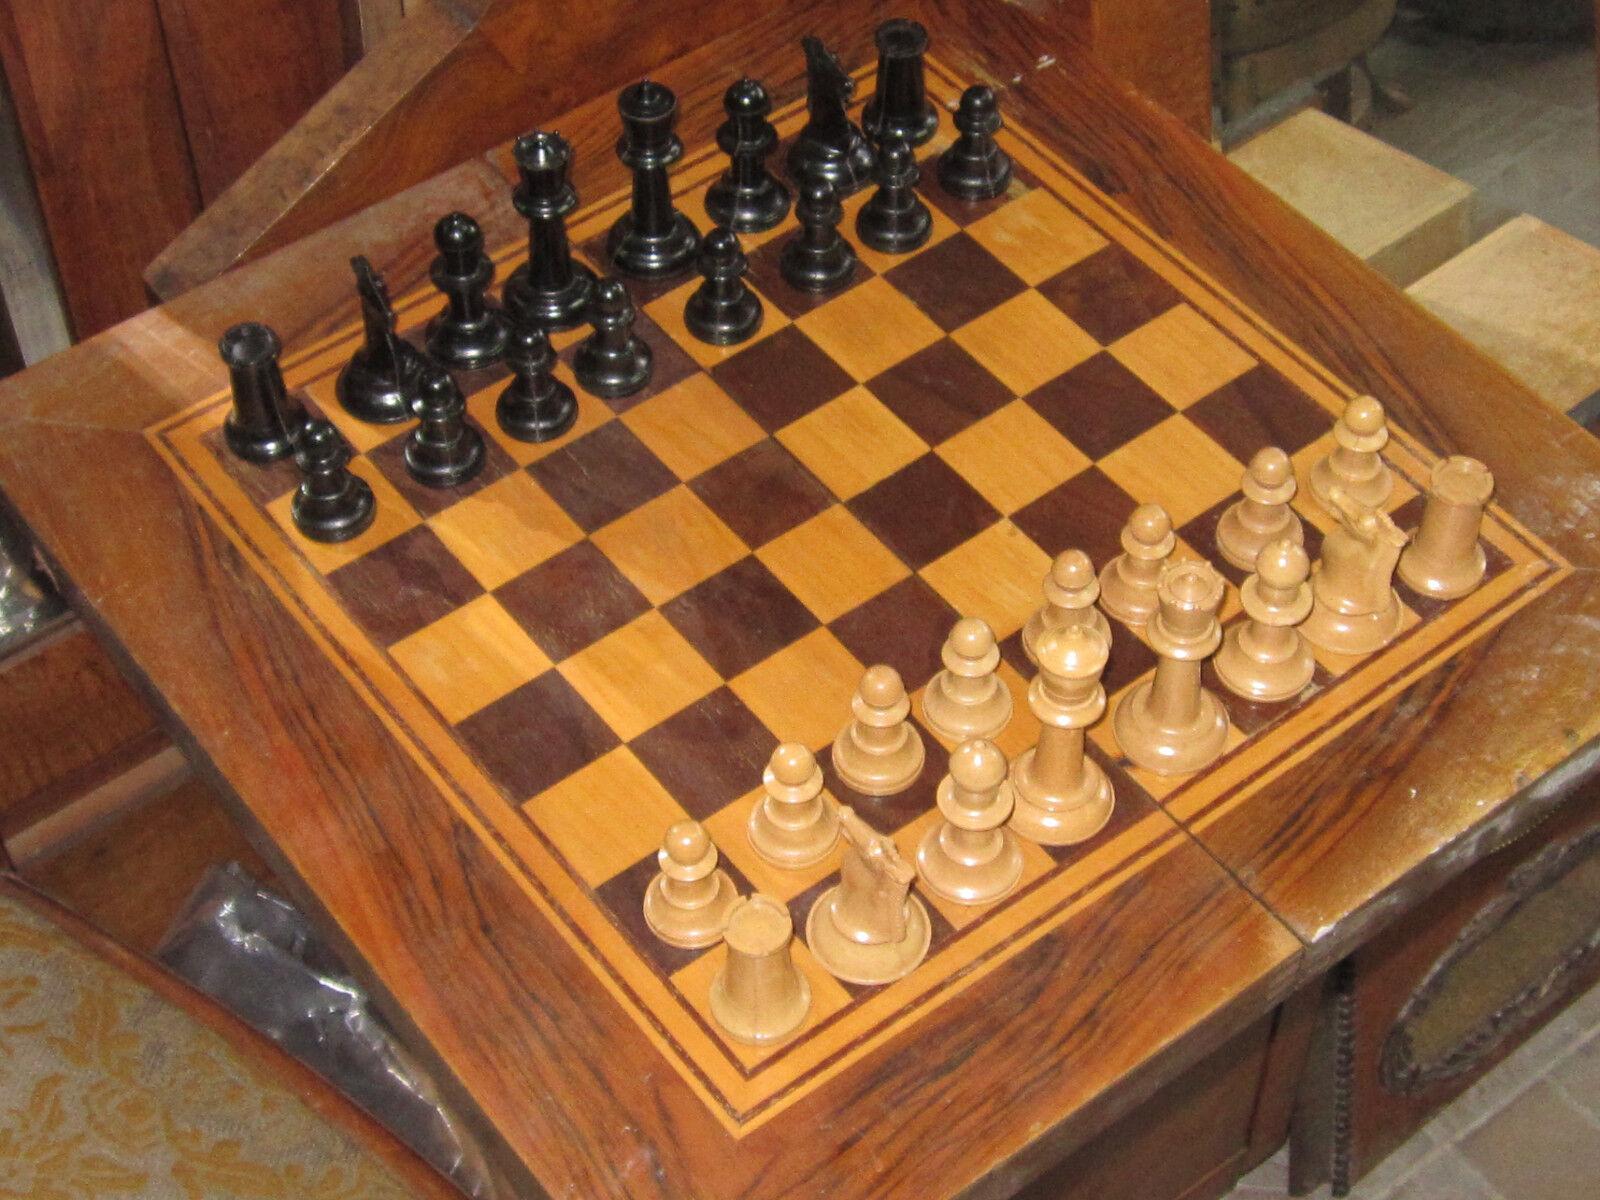 RARE gree  Russian  CHESS  Massive Wooden  scatola Full Set 1950's .  garantito